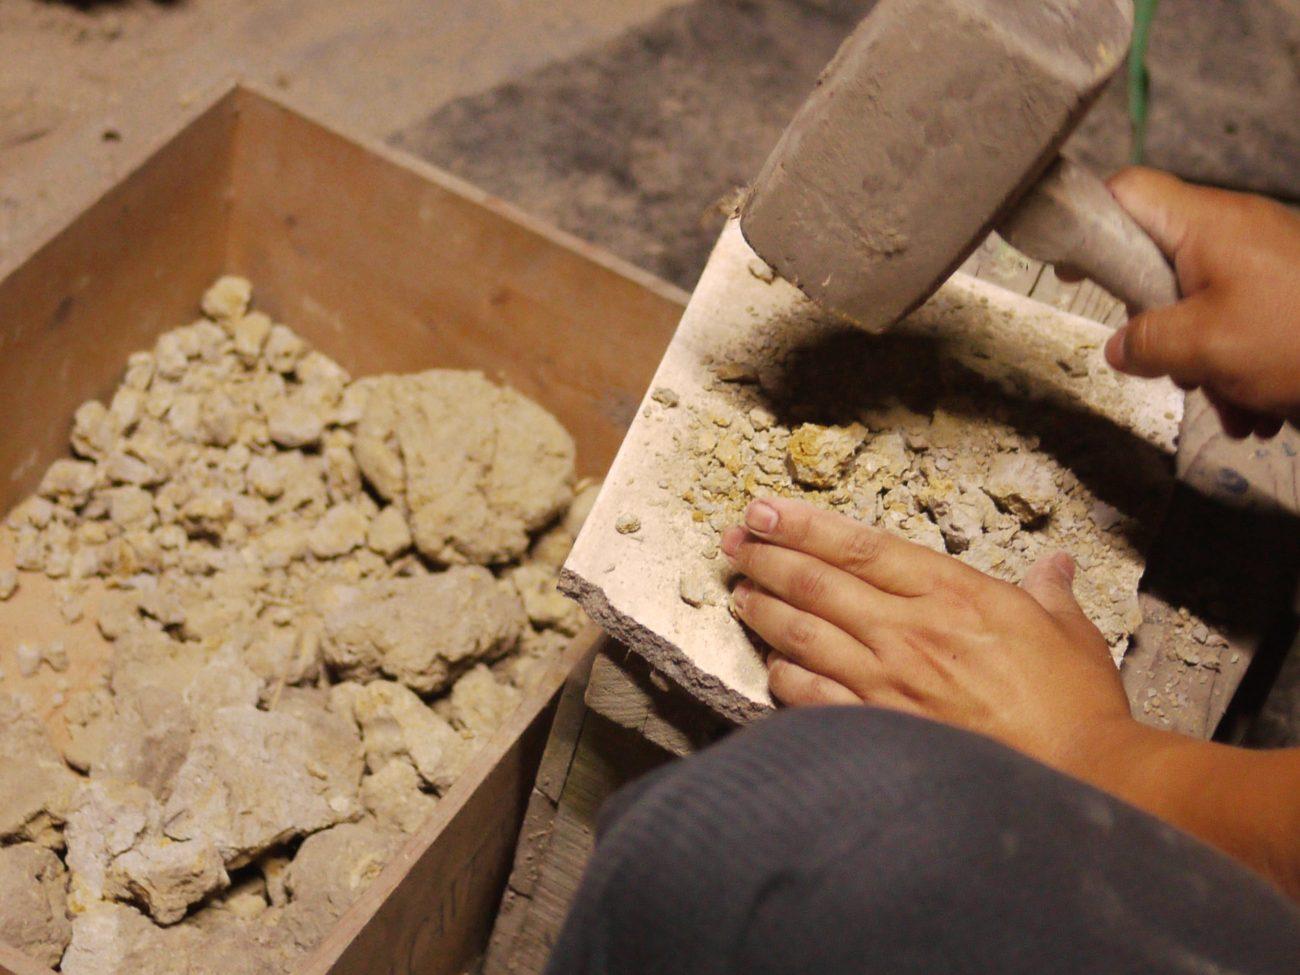 Un potier travaillant la terre à Bizen. crédits : Sokha Keo